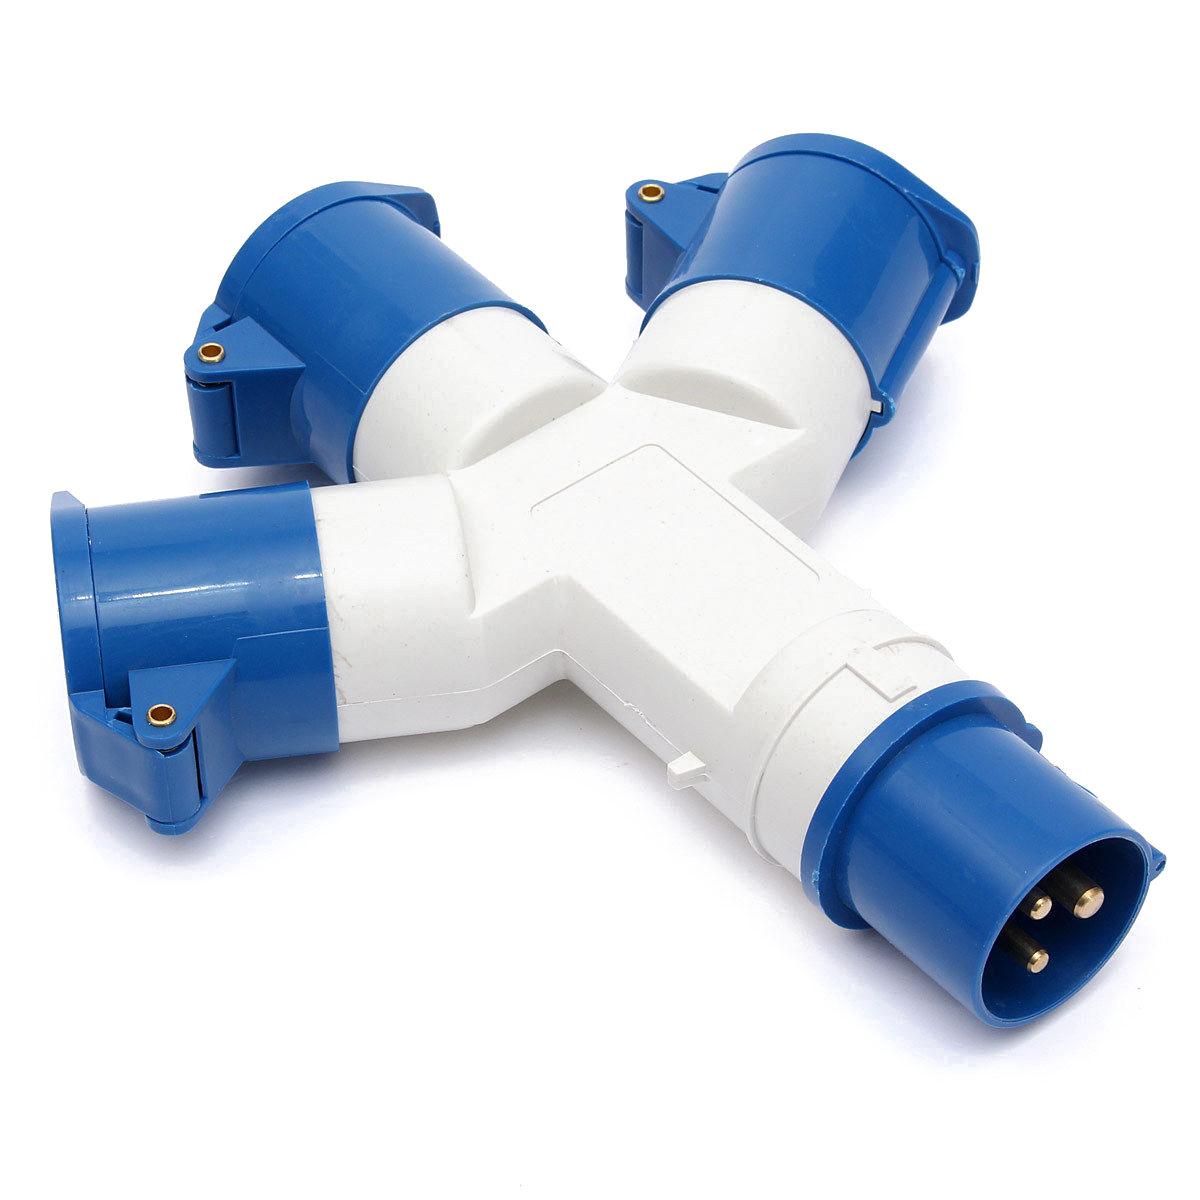 3 Way 16A 220V industrial socket M4R9 | eBay